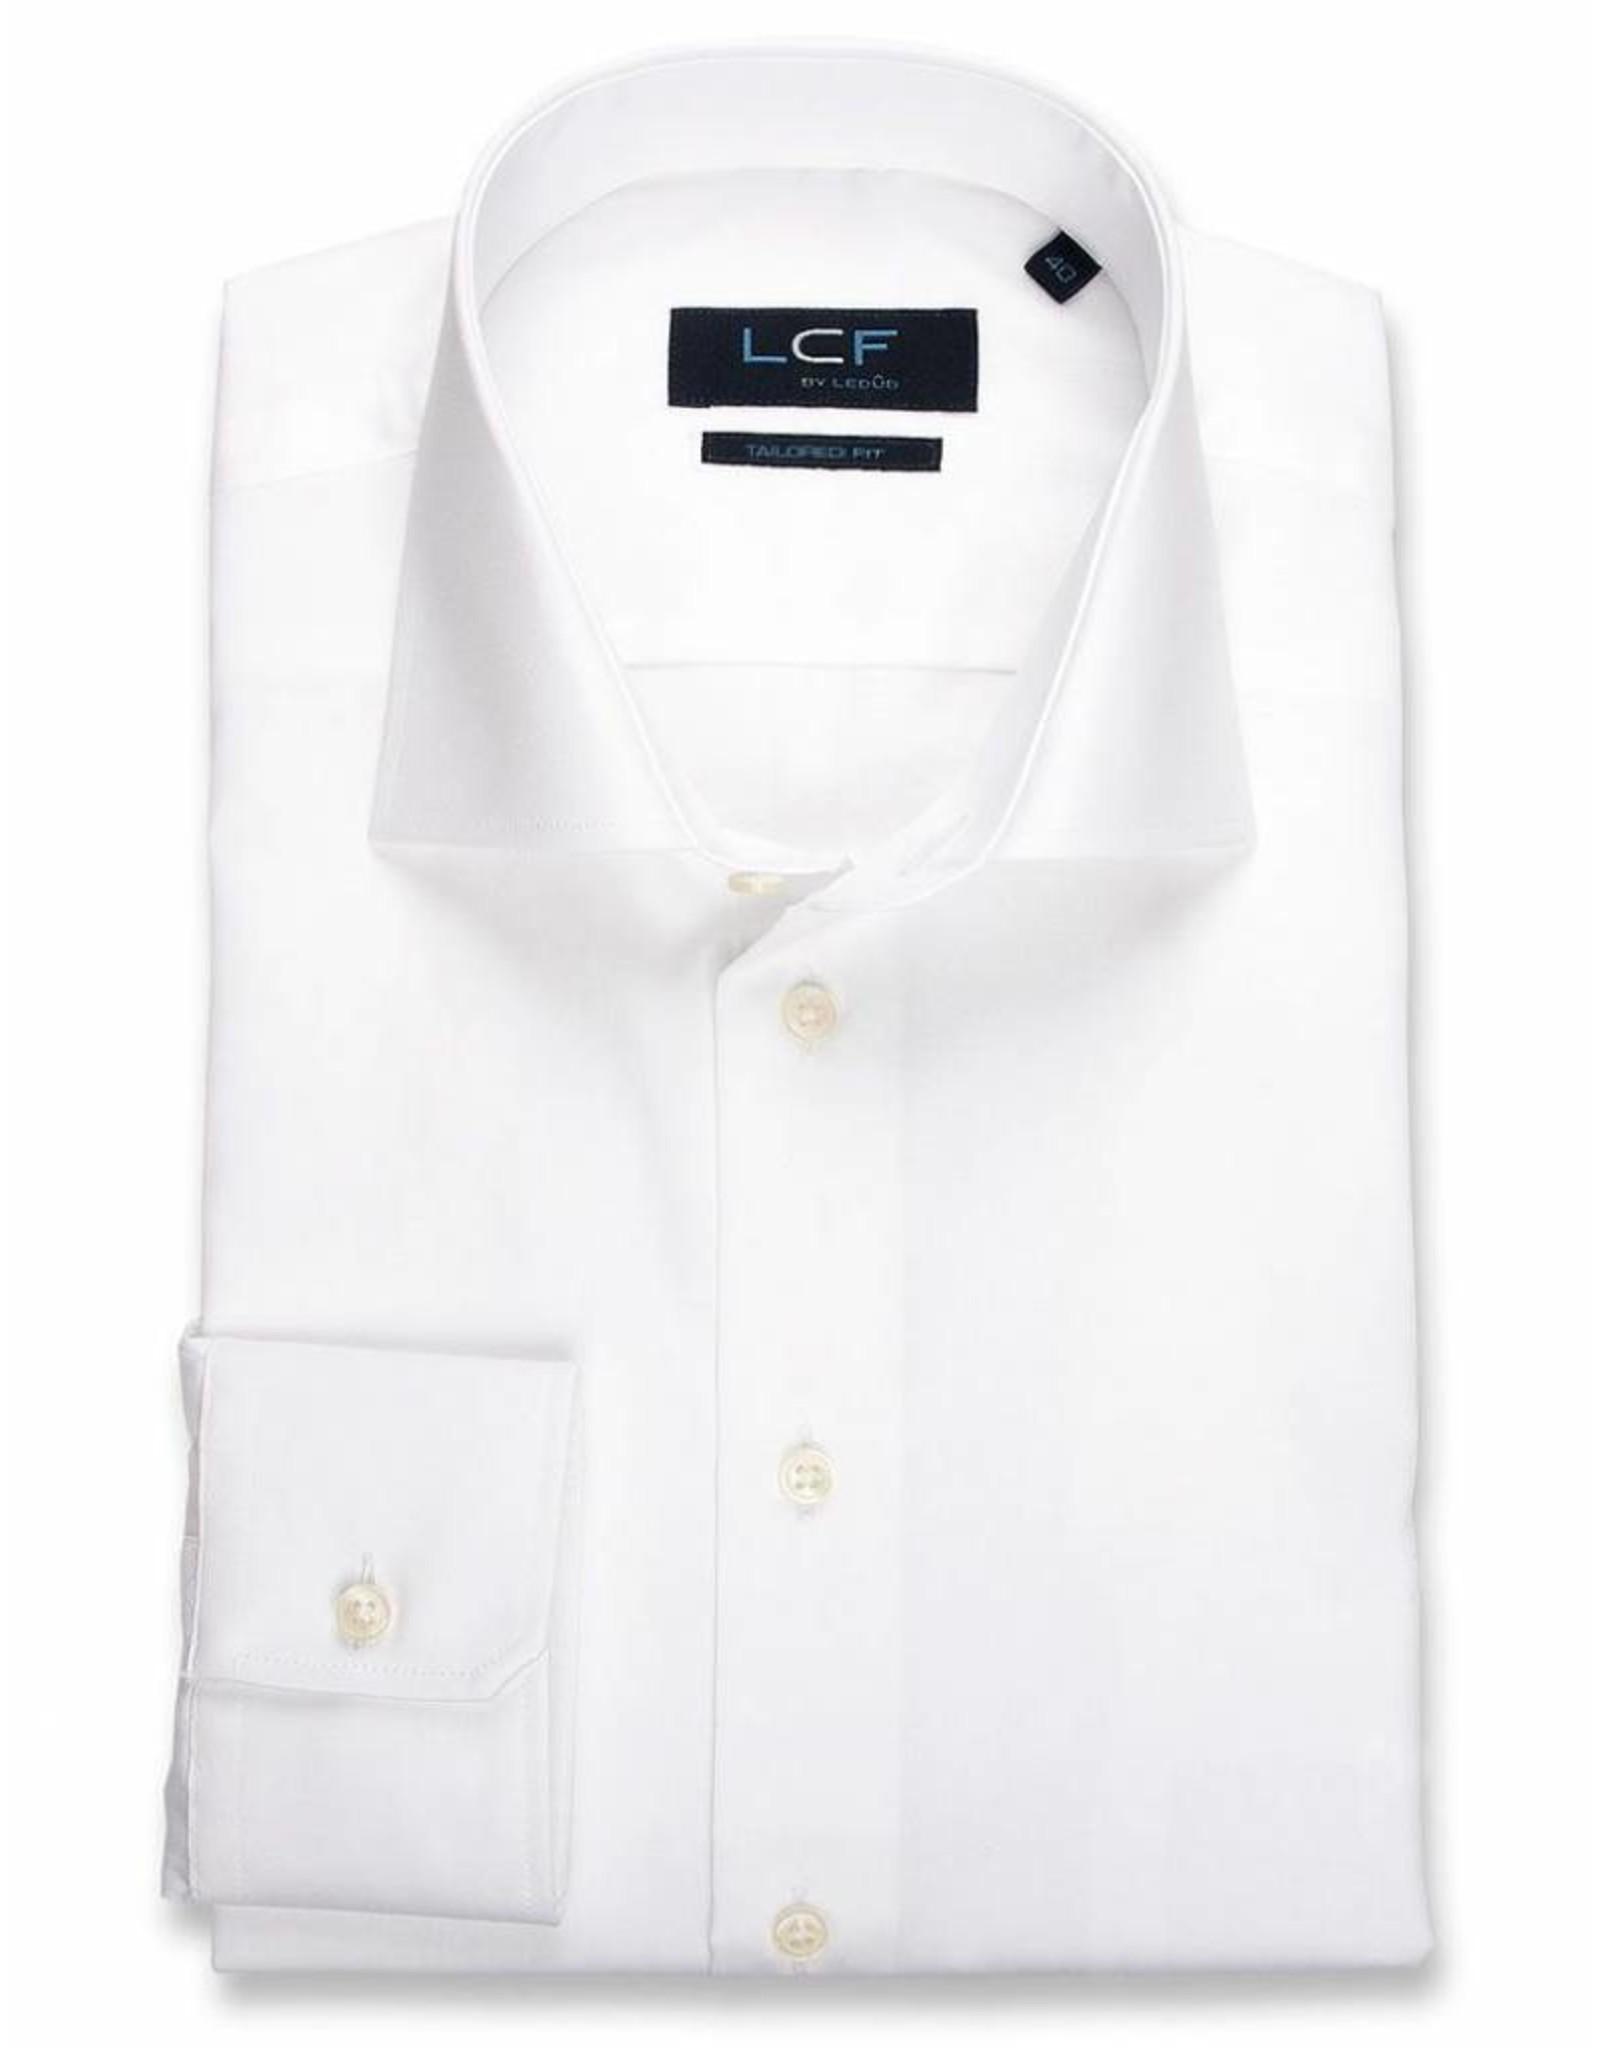 LCF Overhemd 100% katoen non-iron wit